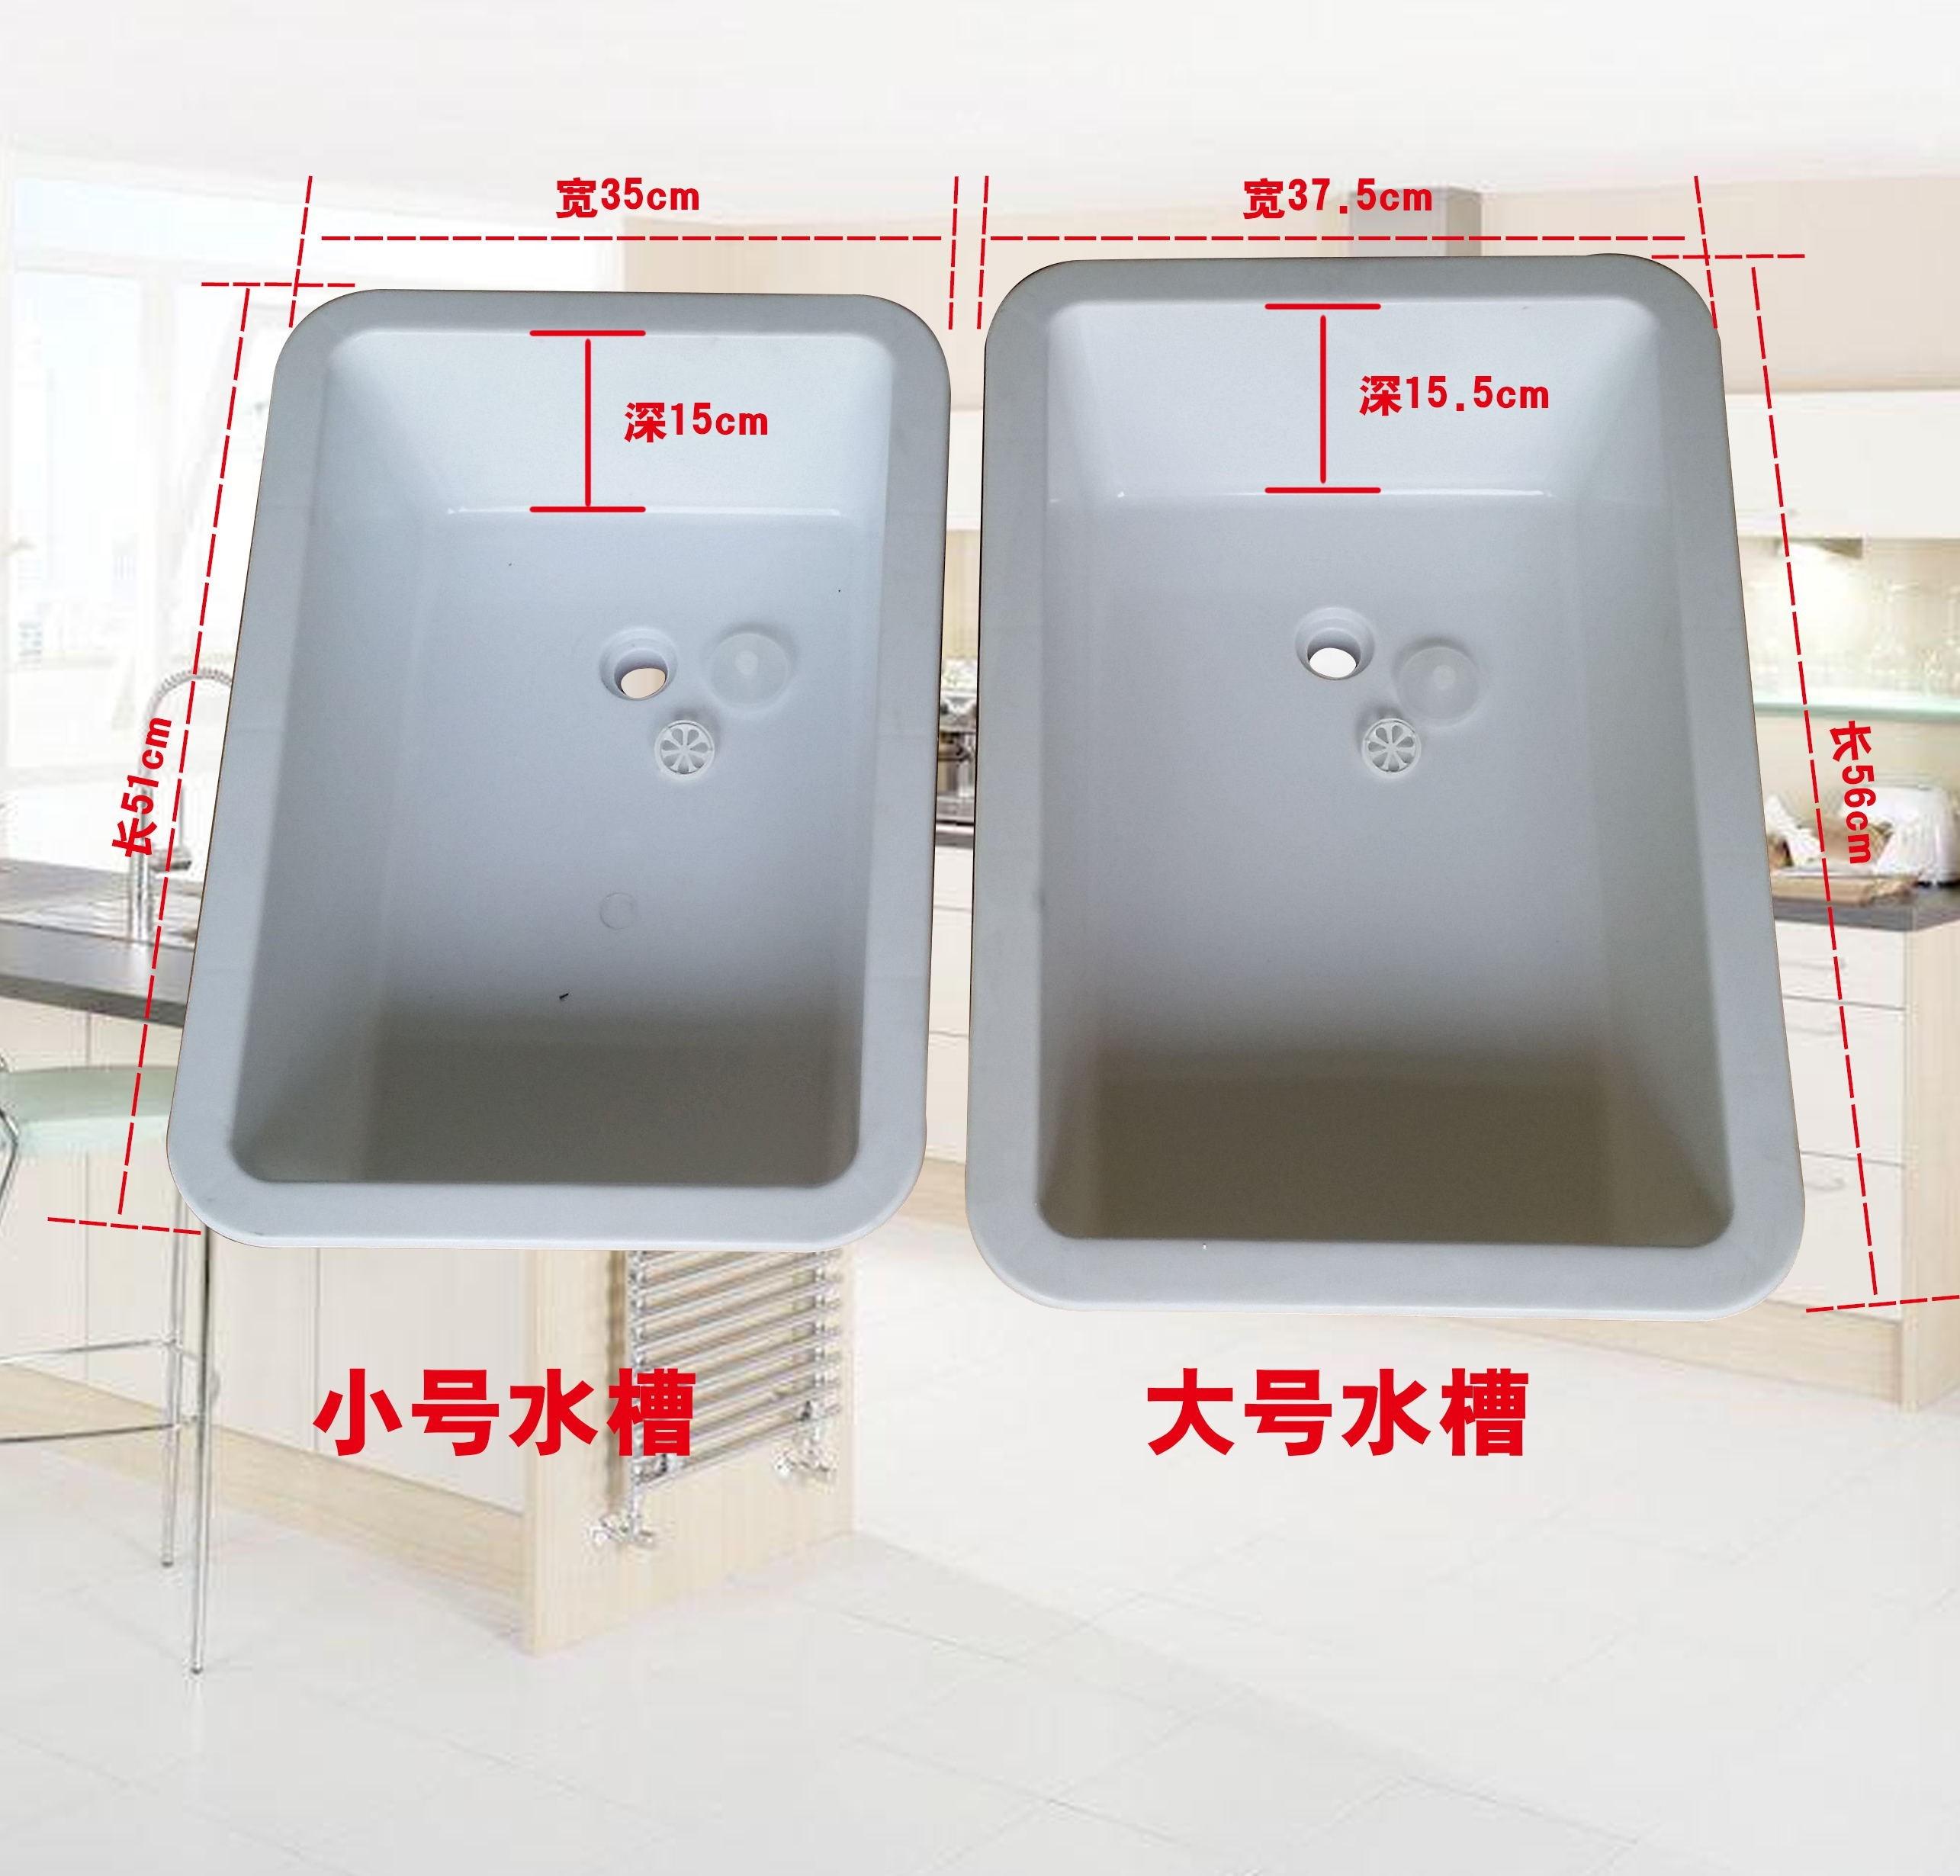 水池厨房支架家用单槽不锈钢商用塑料易水槽洗碗盆临时带室外阳台